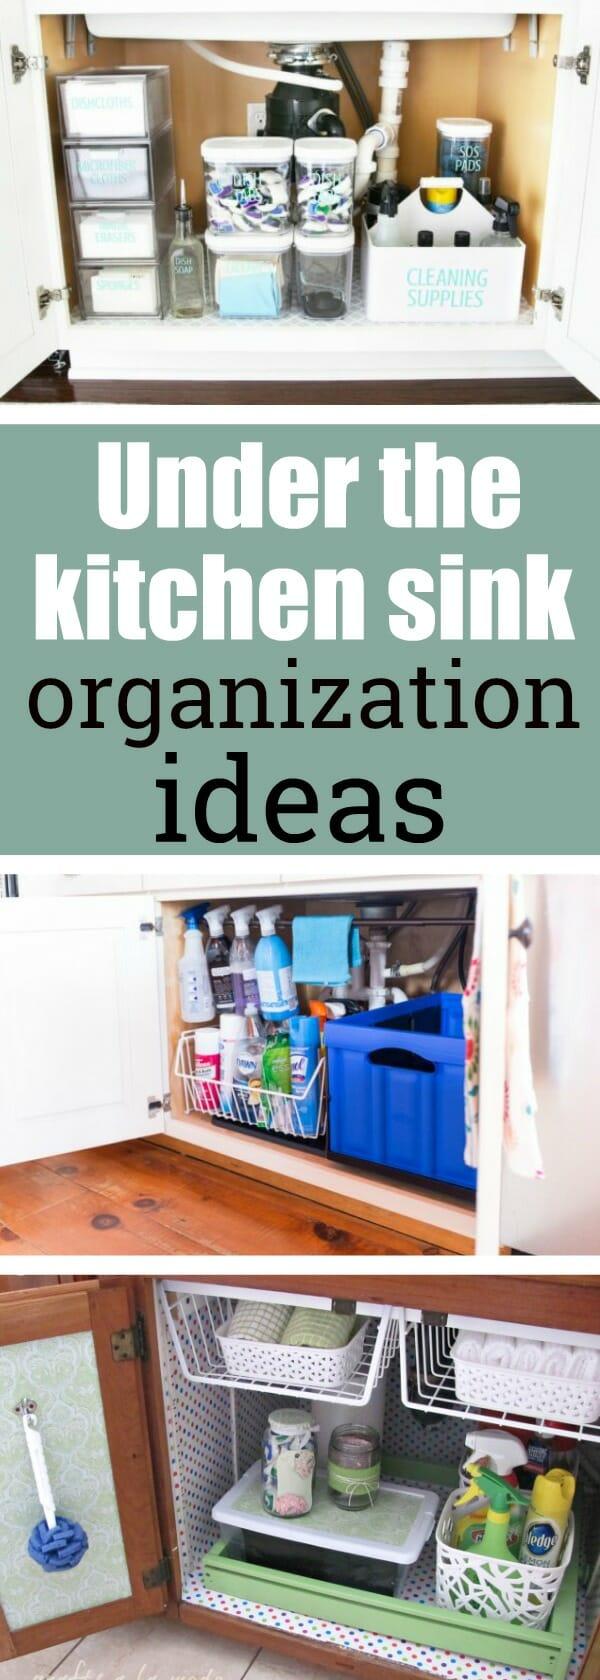 Under the kitchen sink organization ideas - My Mommy Style